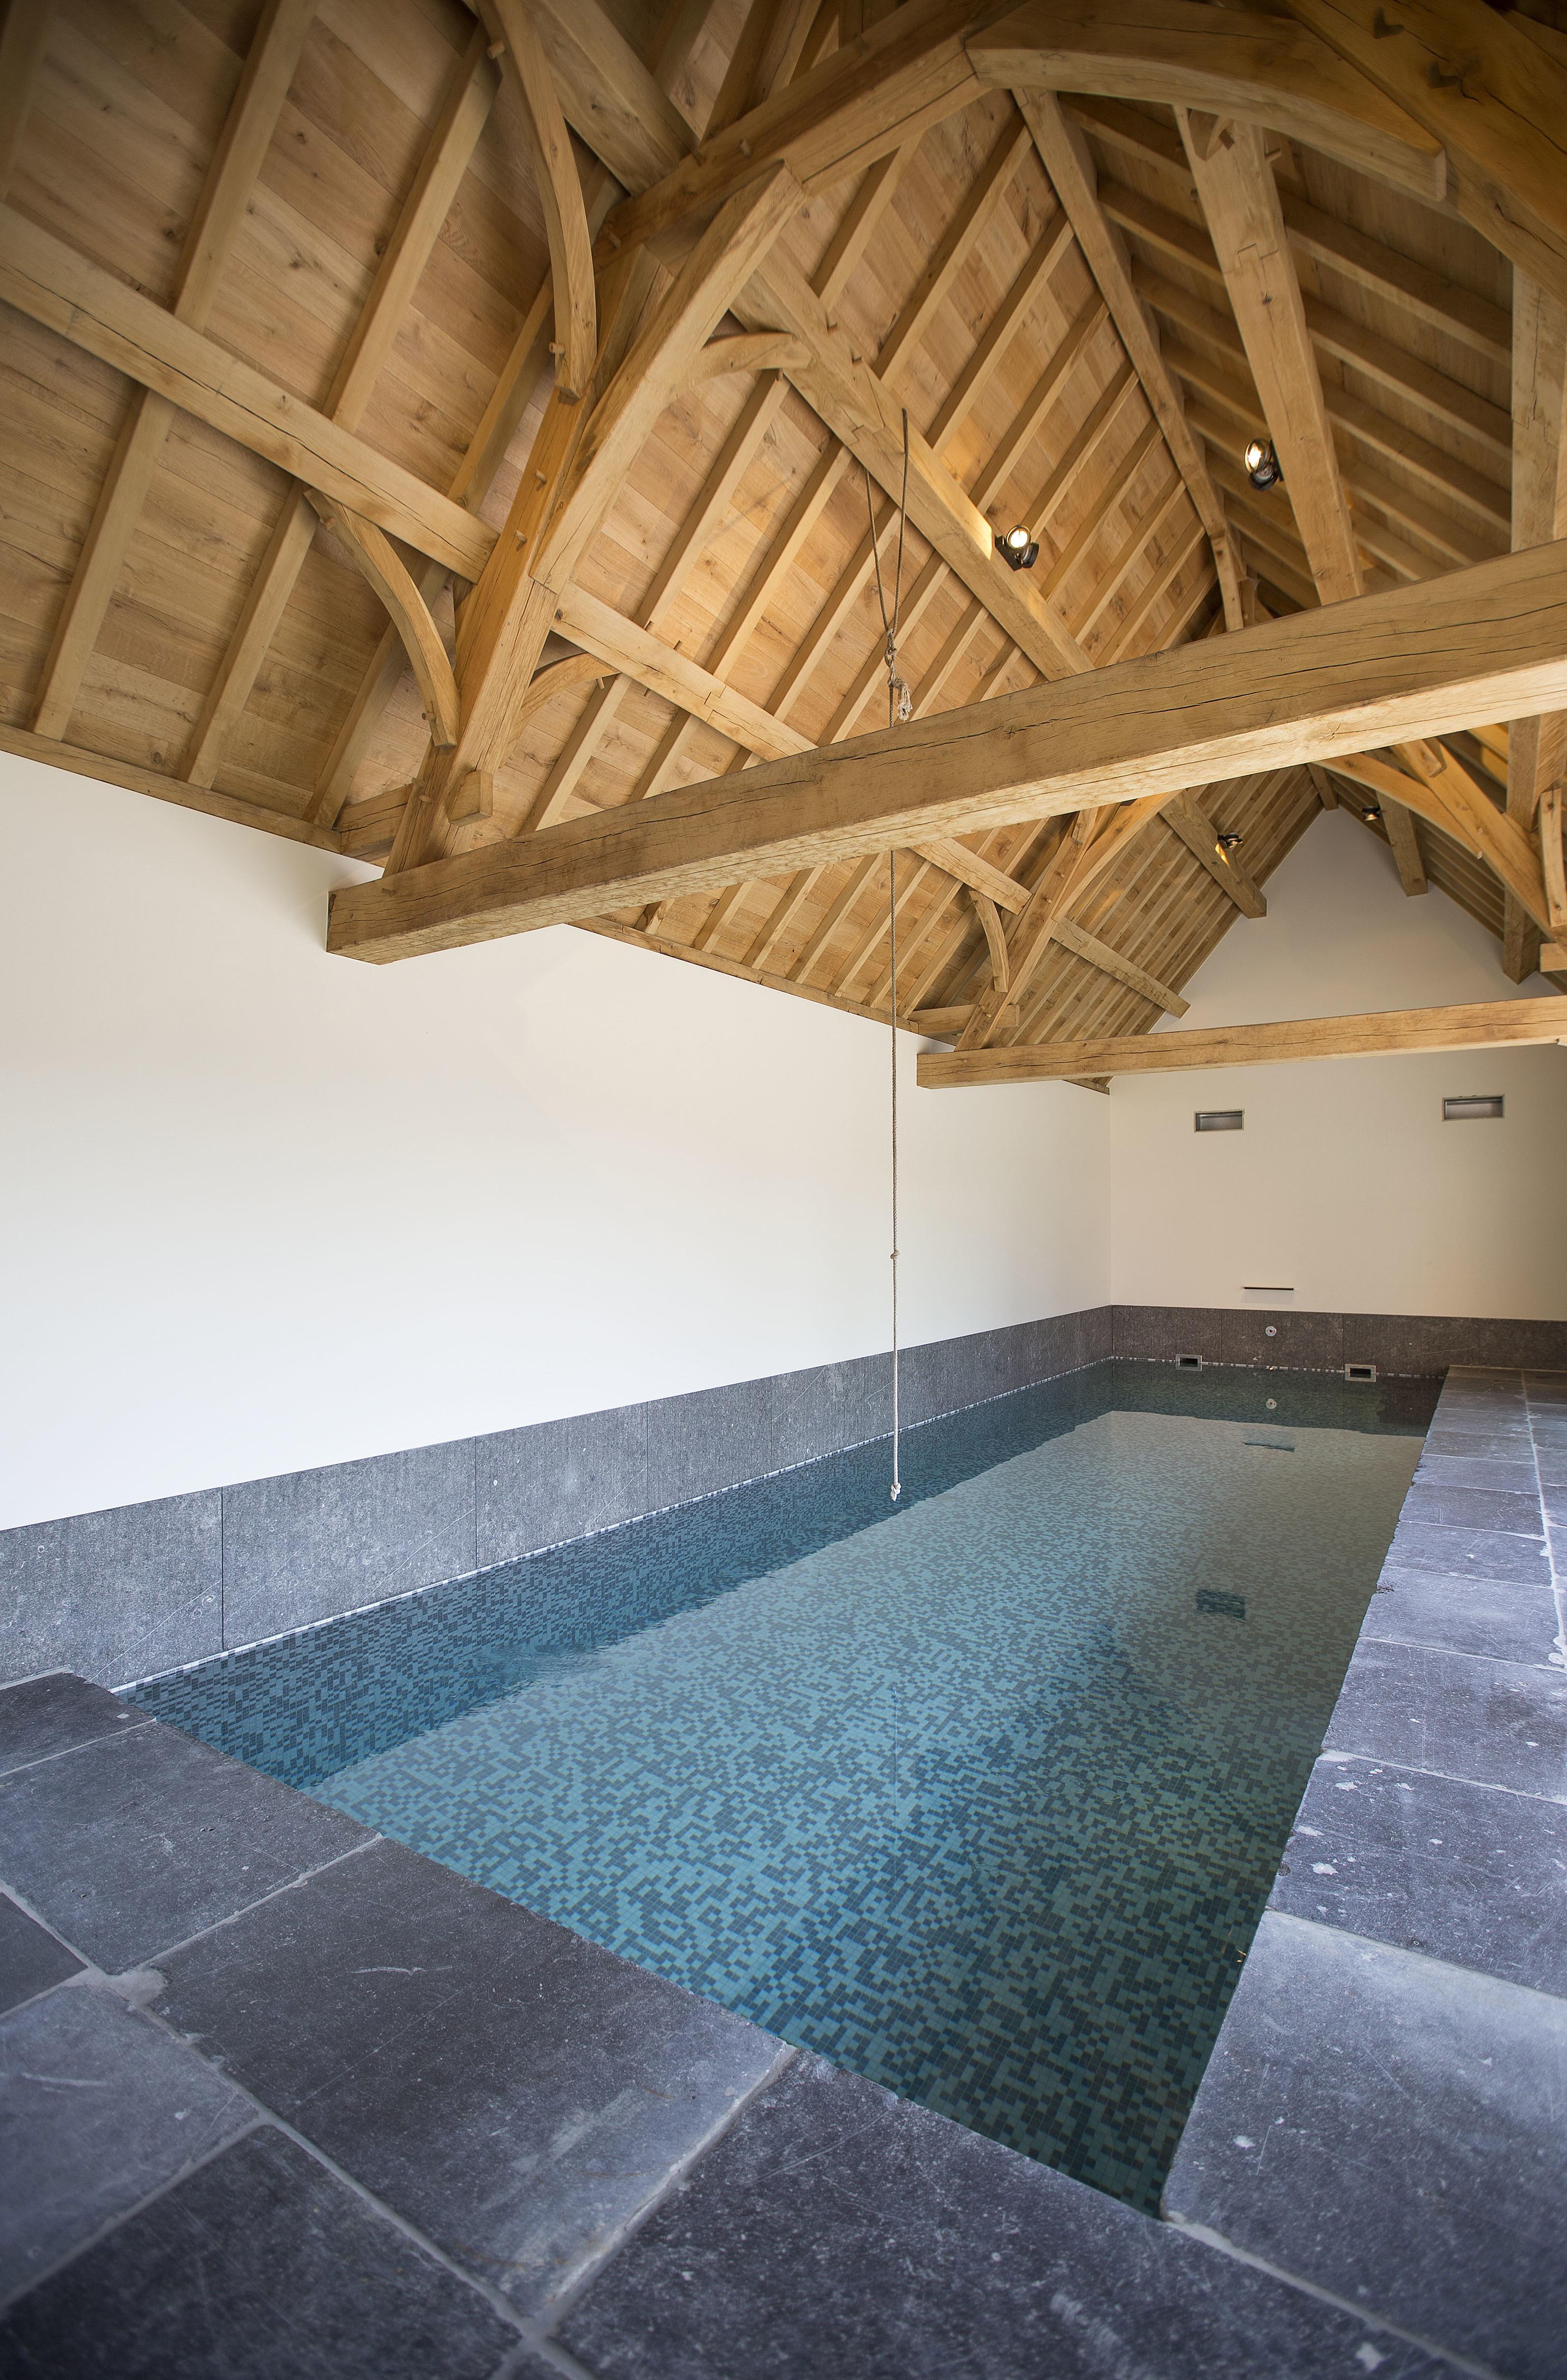 Een binnenzwembad is een complex gegeven